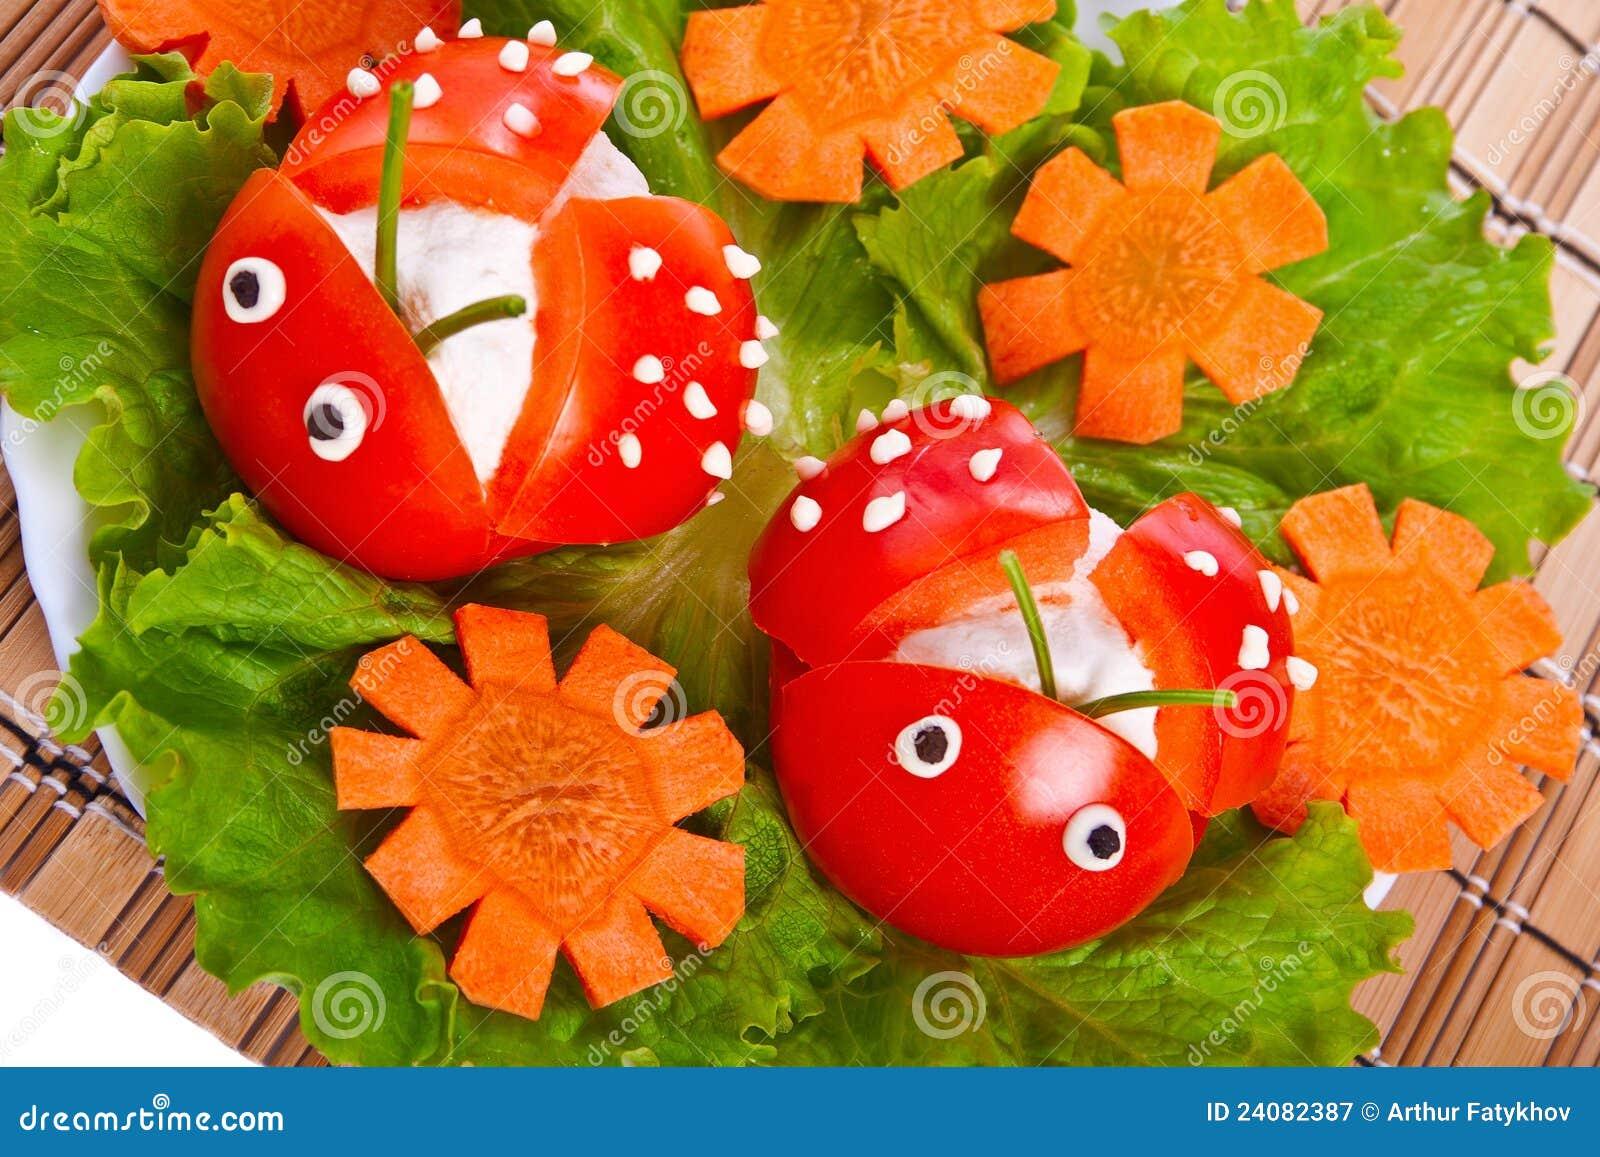 Как сделать из помидоров божьих коровок фото